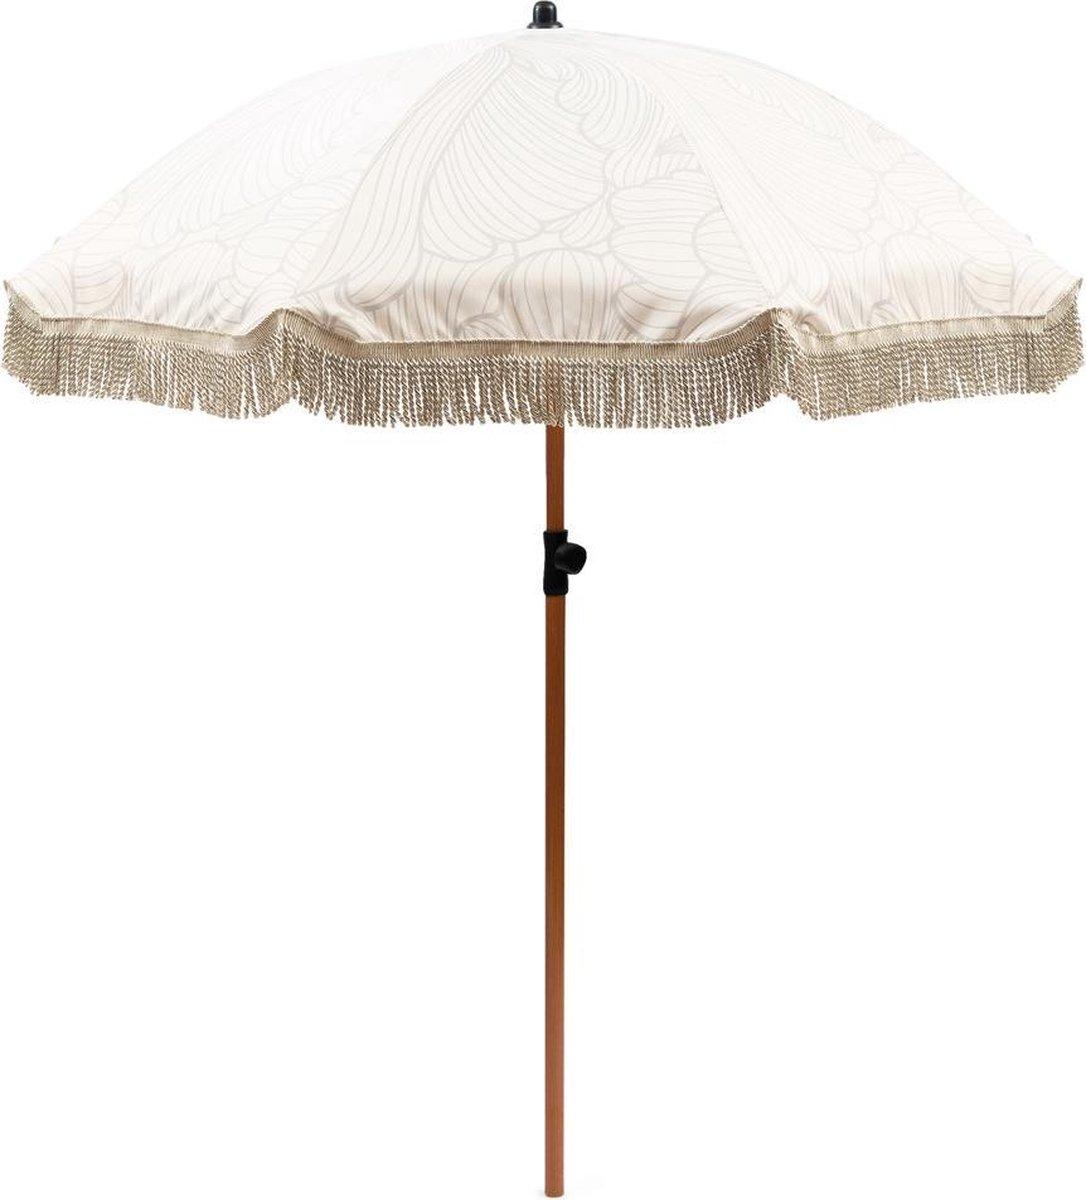 Rivi ra Maison Orangery Floral Parasol - 180 cm - Naturel